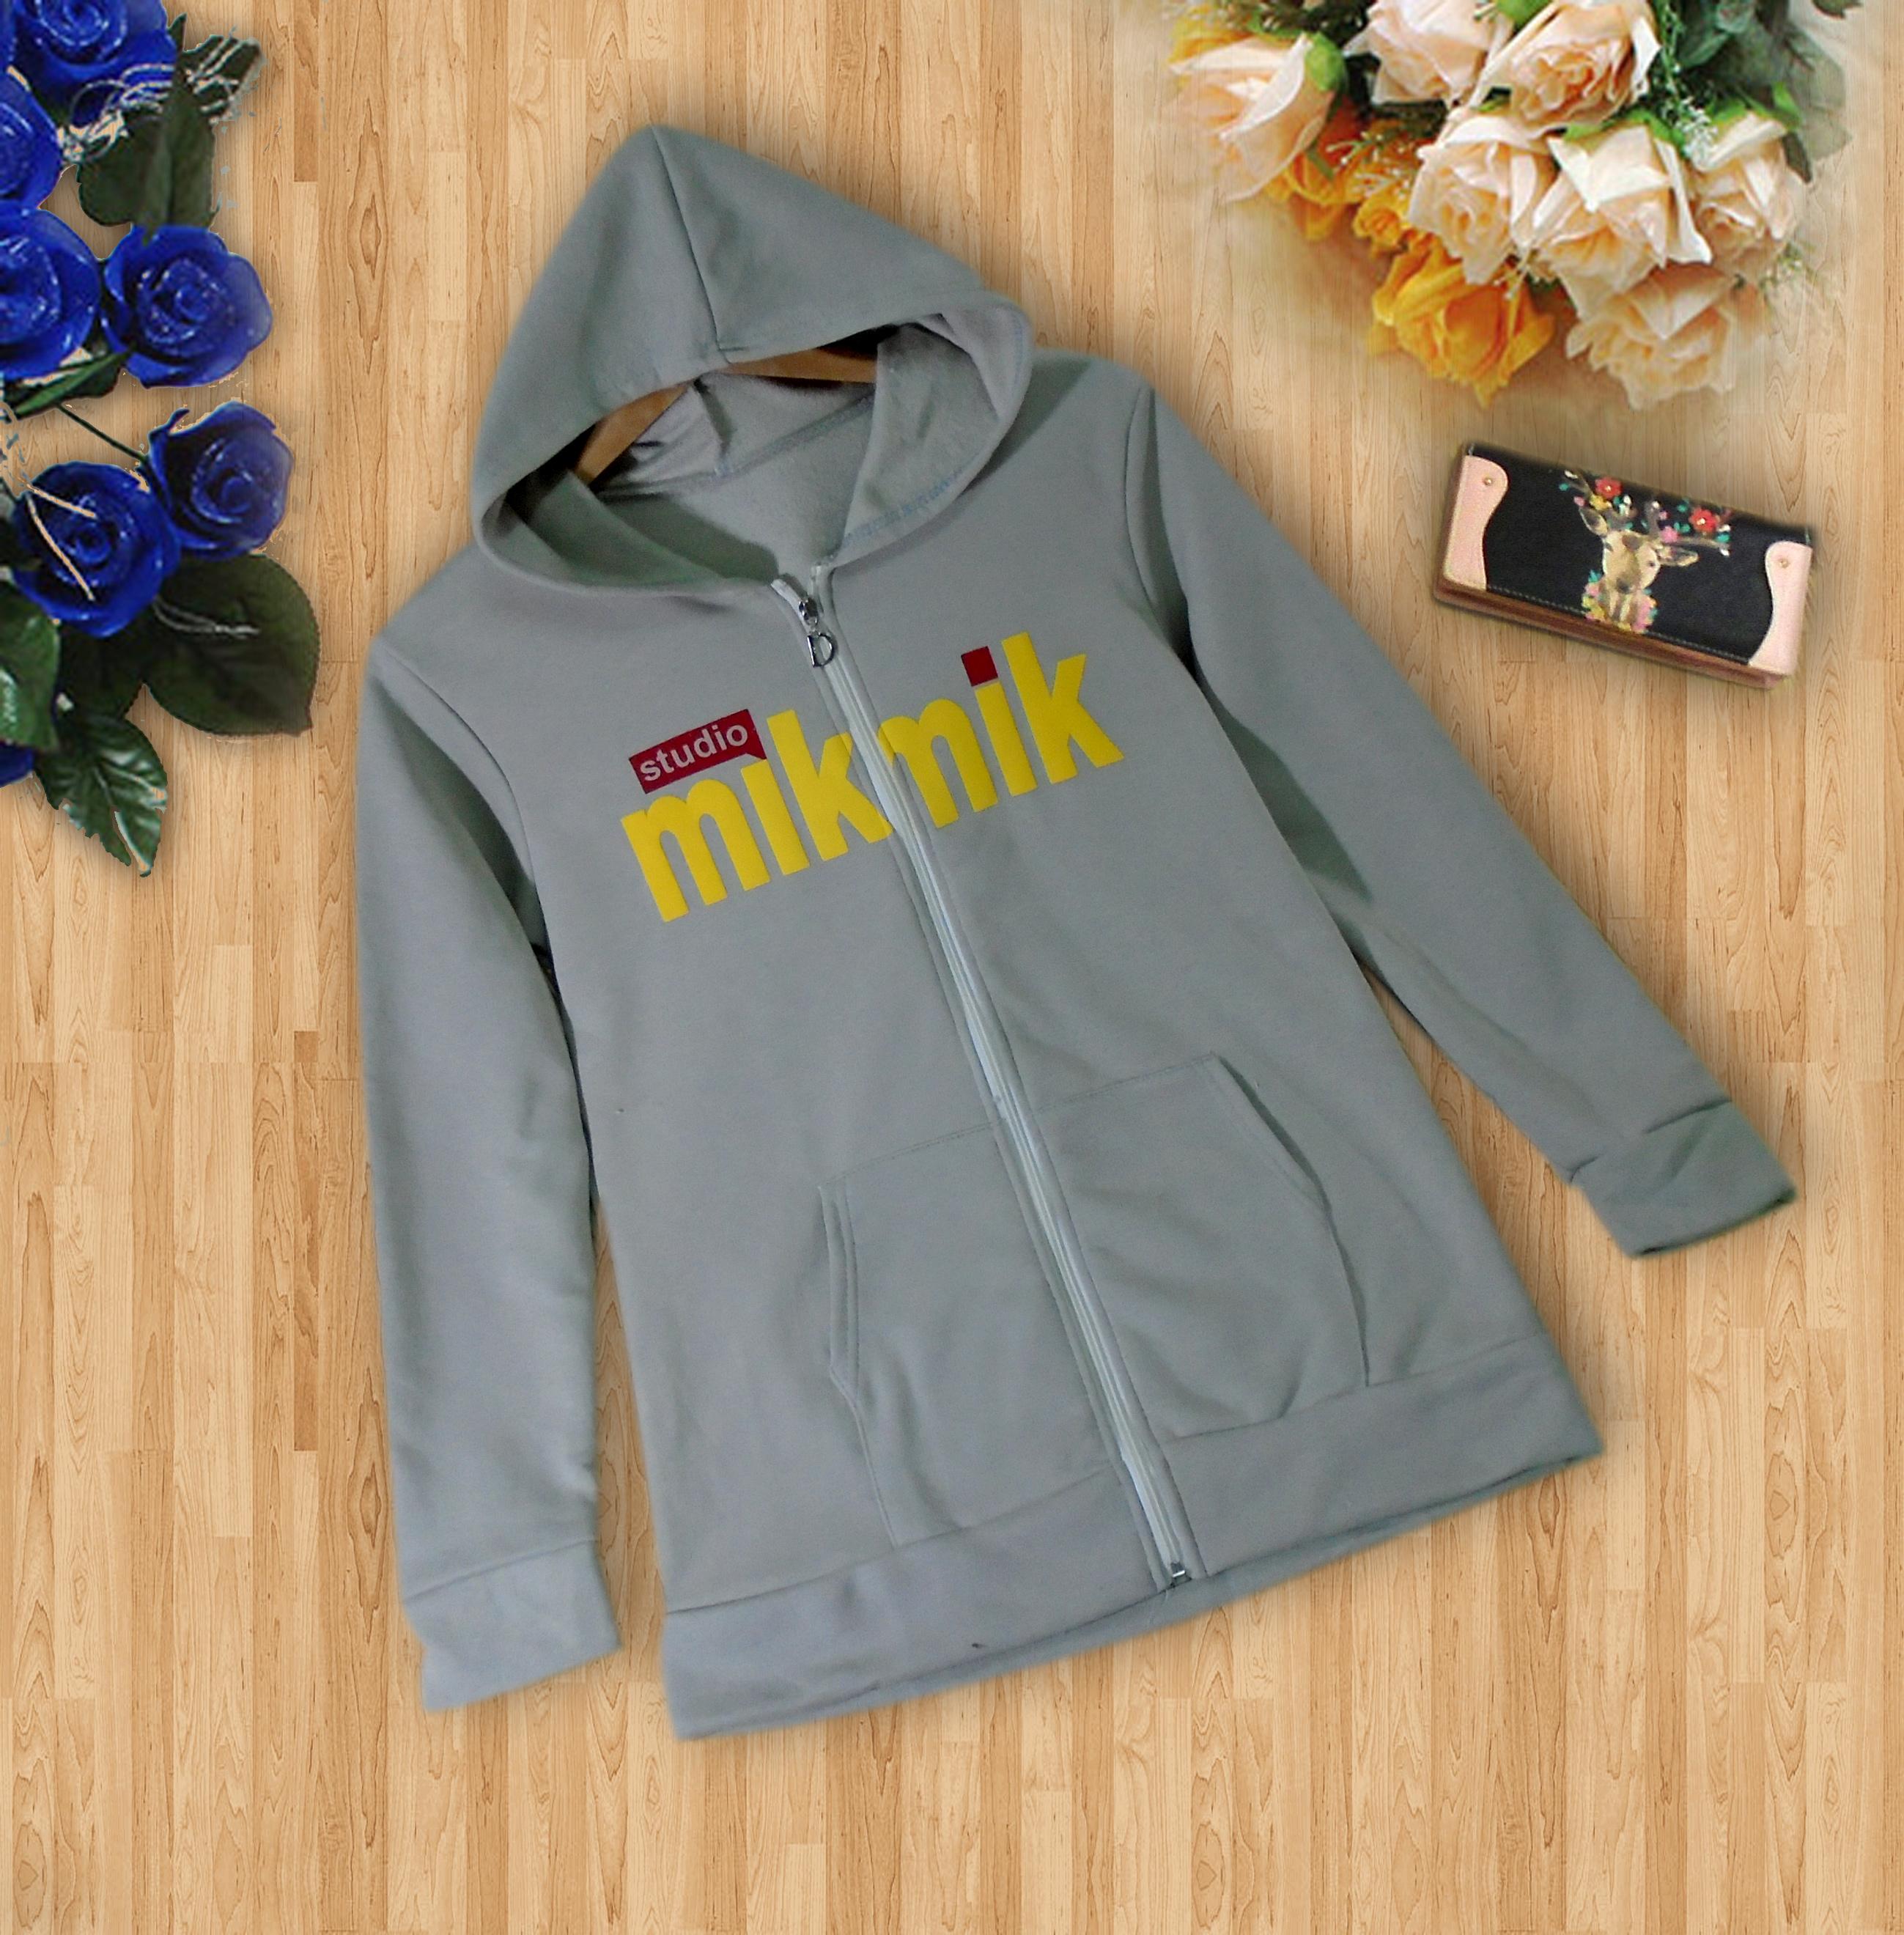 เสื้อคลุมเสื้อกันหนาว ผ้าคอตตอนไม่หนาไม่บาง ด้านในผ้าสำลีคะ ติดซิปหน้า สินค้าจริงตามแบบคะ